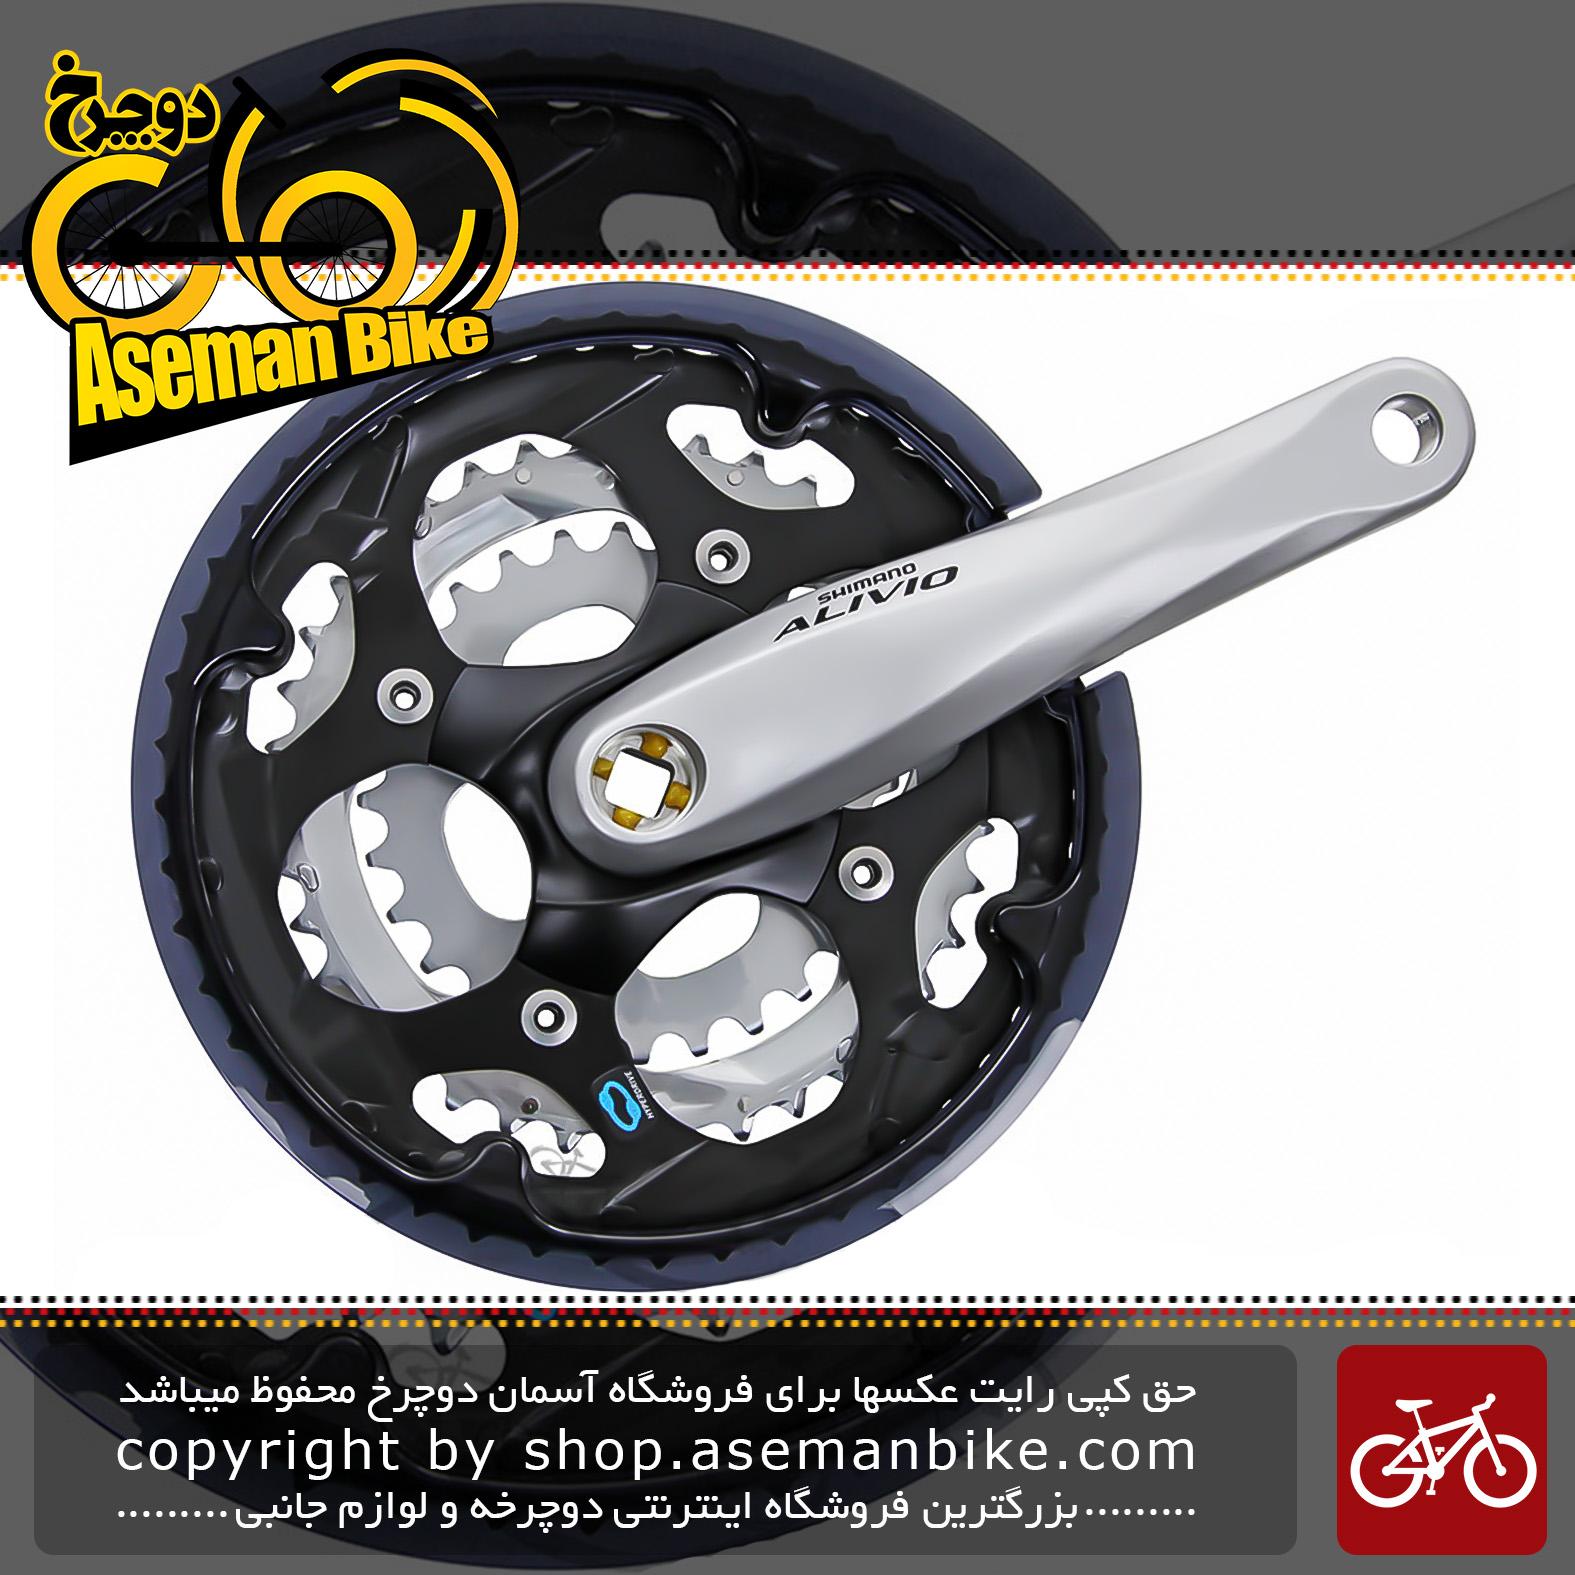 طبق قامه دوچرخه شیمانو مدل آلیویو اف سی – ام 411 42 و 32 و 22 دندانه Shimano Crankset Bicycle Alivio FC-M411 42X32X22T 170M